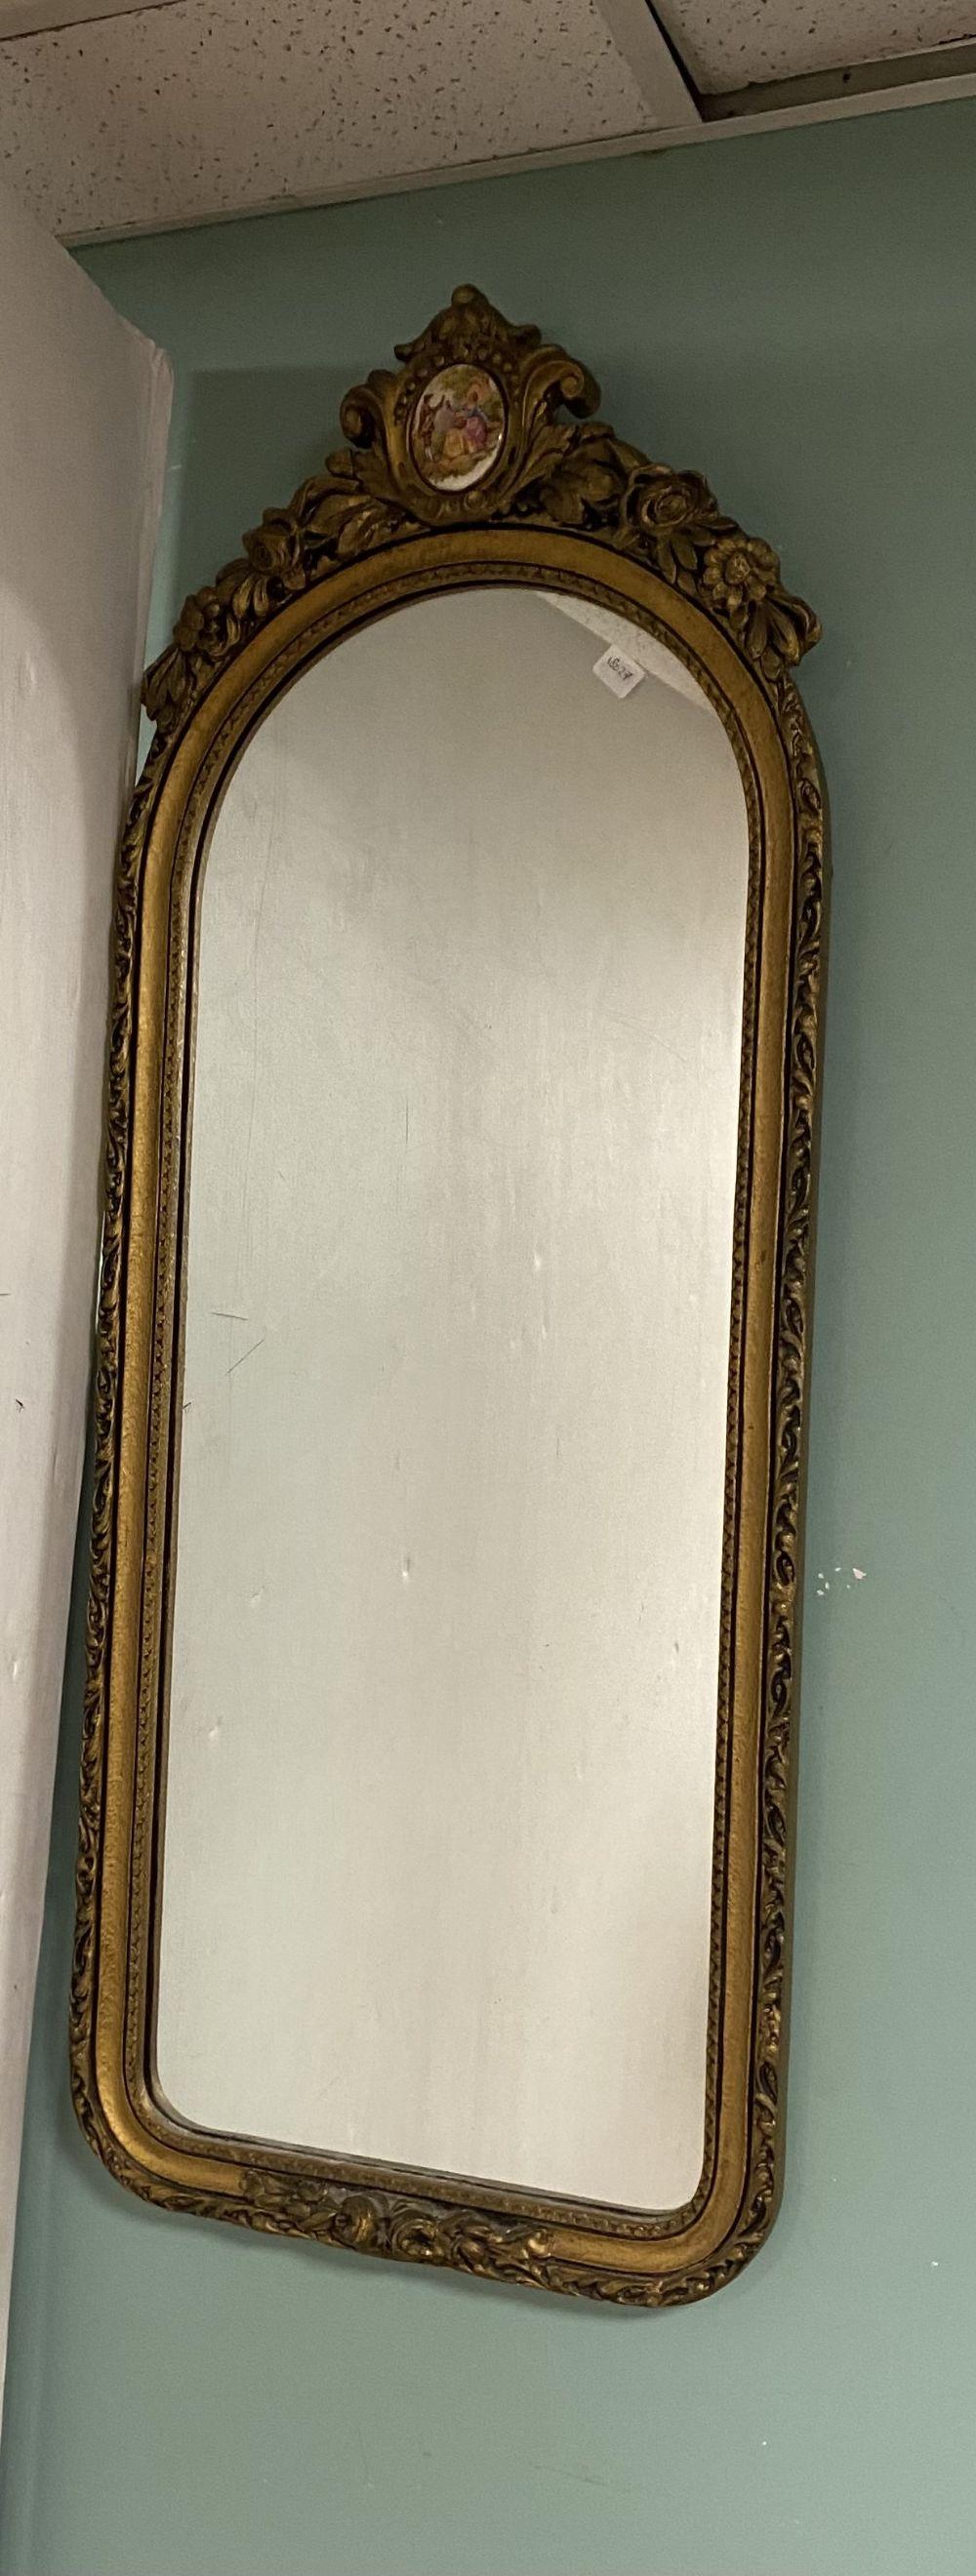 French Gilt Mirror 46cm W x 100cm